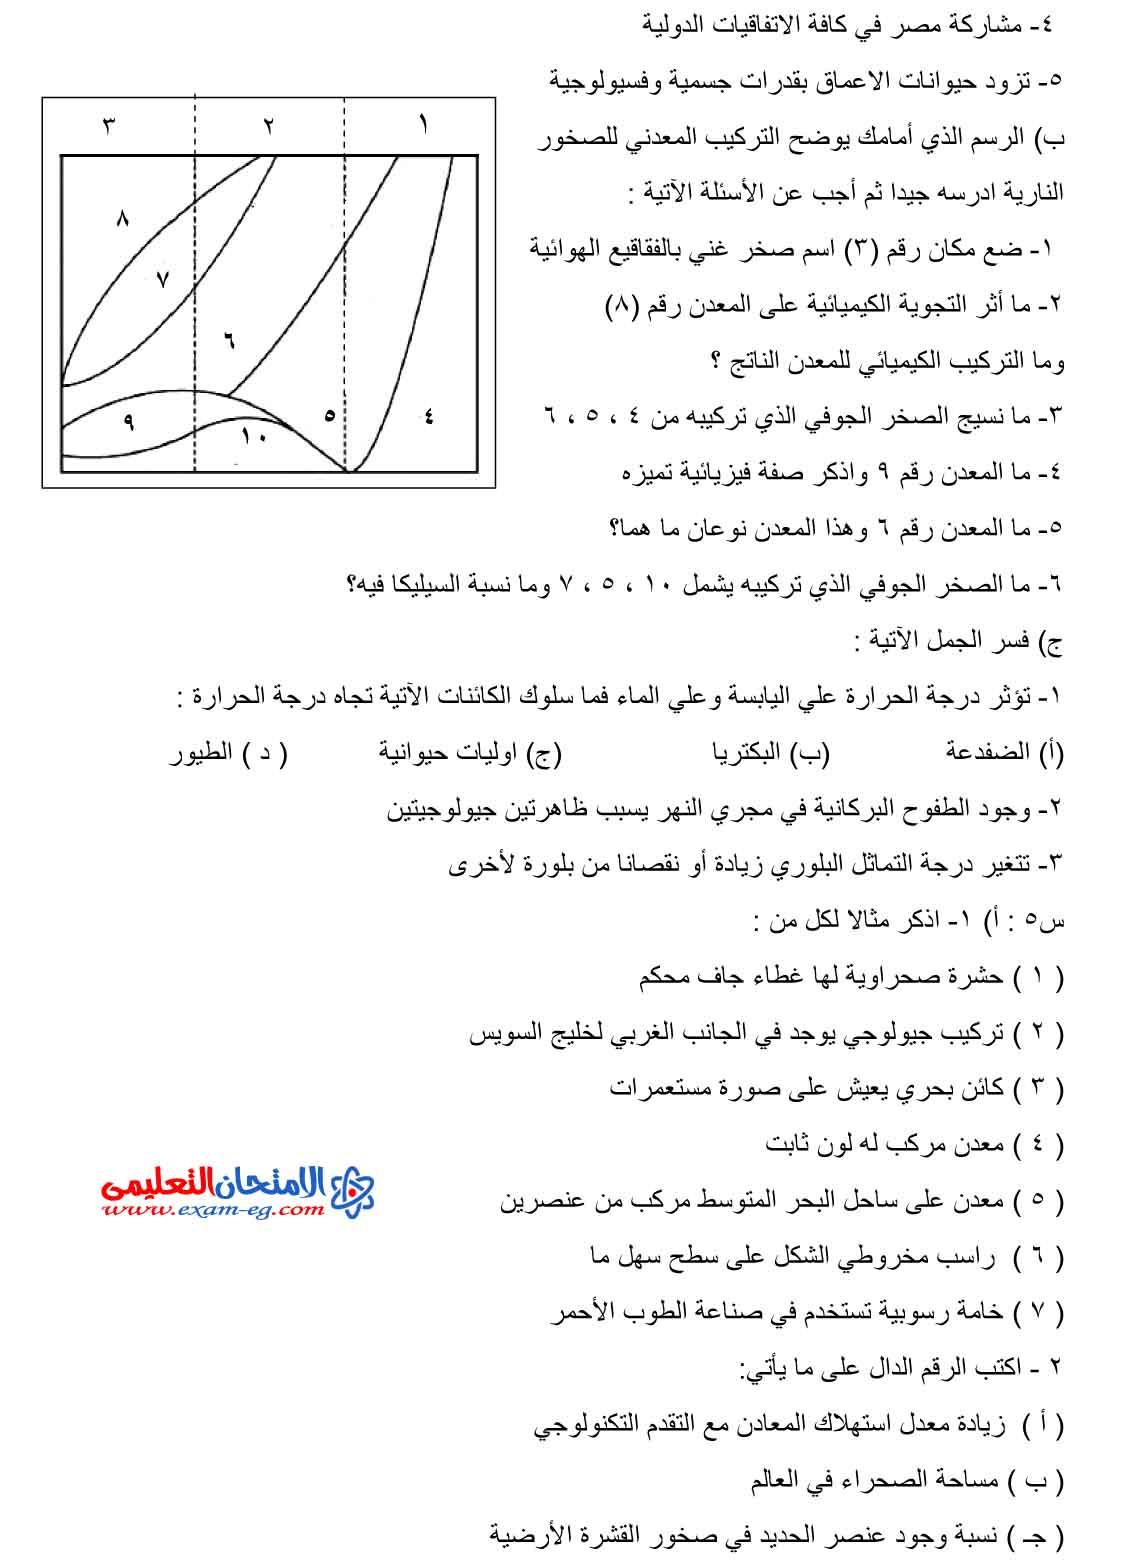 امتحان الوزارة فى الجيولوجيا والعلوم البيئية 3